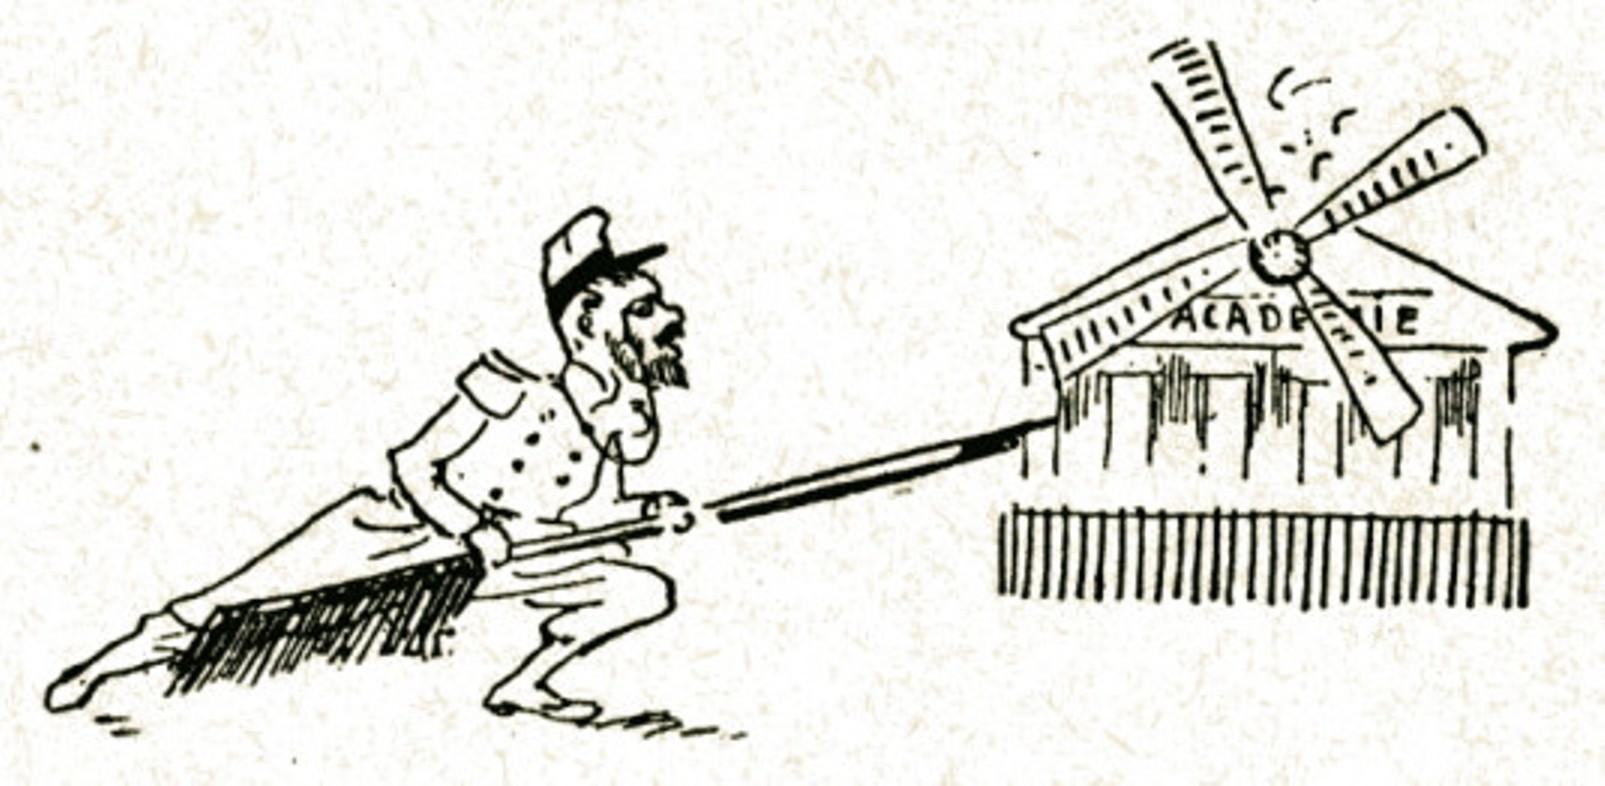 """Image - <em>L'Attaque du moulin</em> et l'Académie française"""" /></a></p> </div><h3>Commentaires</h3><p><em>L'Attaque du moulin</em> est un opéra d'Alfred Bruneau, sur un livret de Louis Gallet, d'après la nouvelles de Zola, parue dans <em>Les Soirées de Médan</em>. Le drame lyrique est créé le 23 novembre 1893 à l'Opéra-Comique. Le dessinateur fait ici allusion à cet opéra ainsi qu'aux tentatives de Zola de se faire élire à l'Académie française, sorte de citadelle imprenable.</p><h3>Auteur</h3><p>Maurice Marais (1852-1898)</p><h3>Date</h3><p>1894</p><h3>Mots-clés</h3><ul class="""